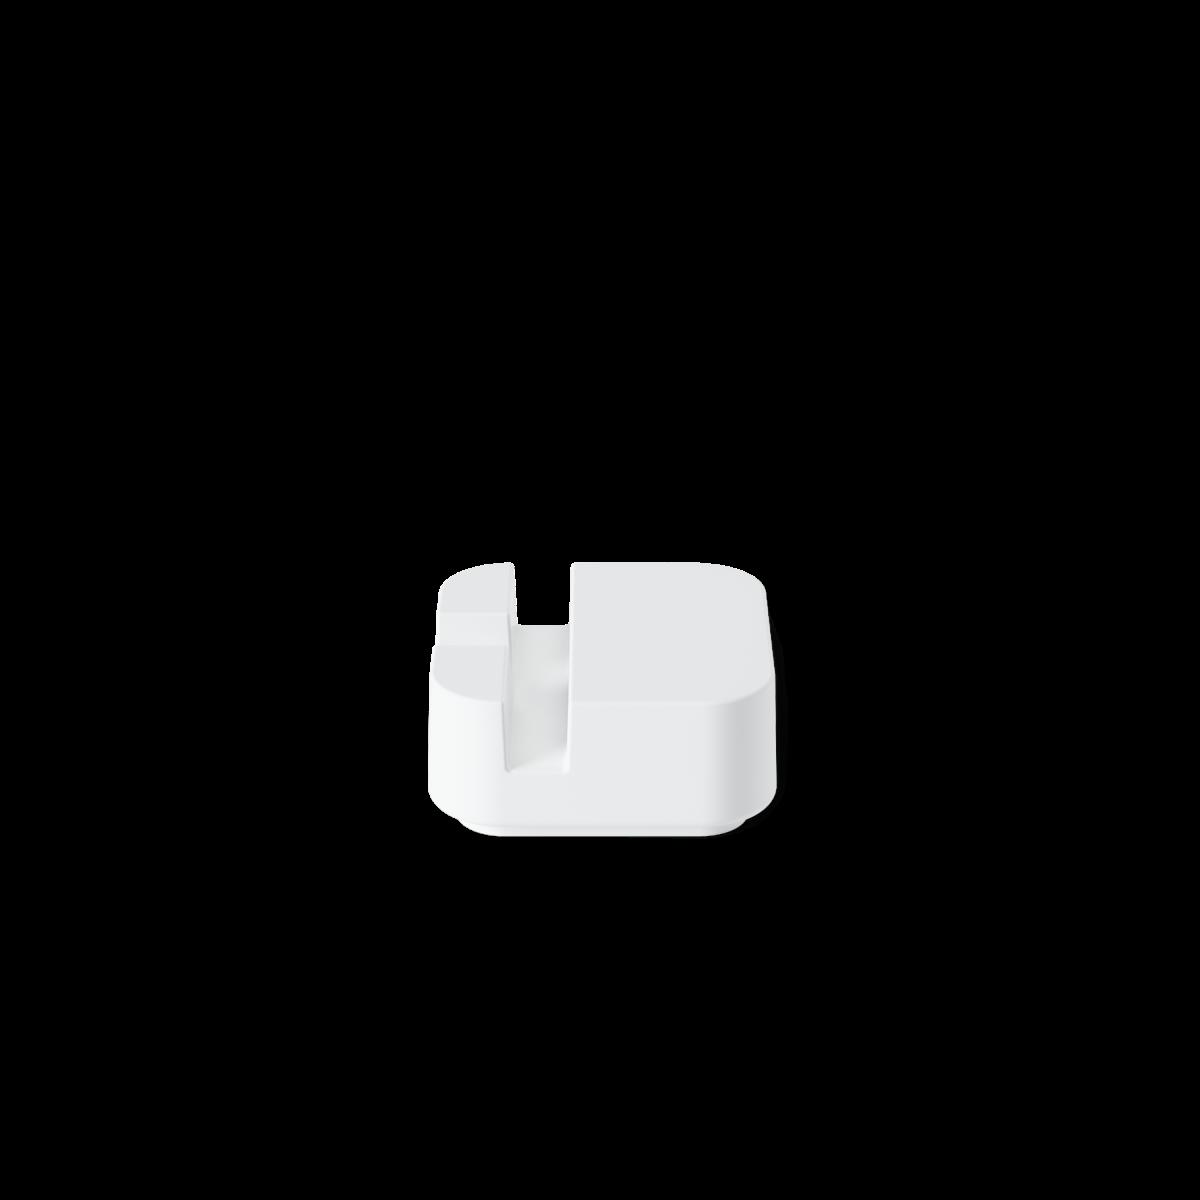 Držák na telefon SCILLAE bílý_4